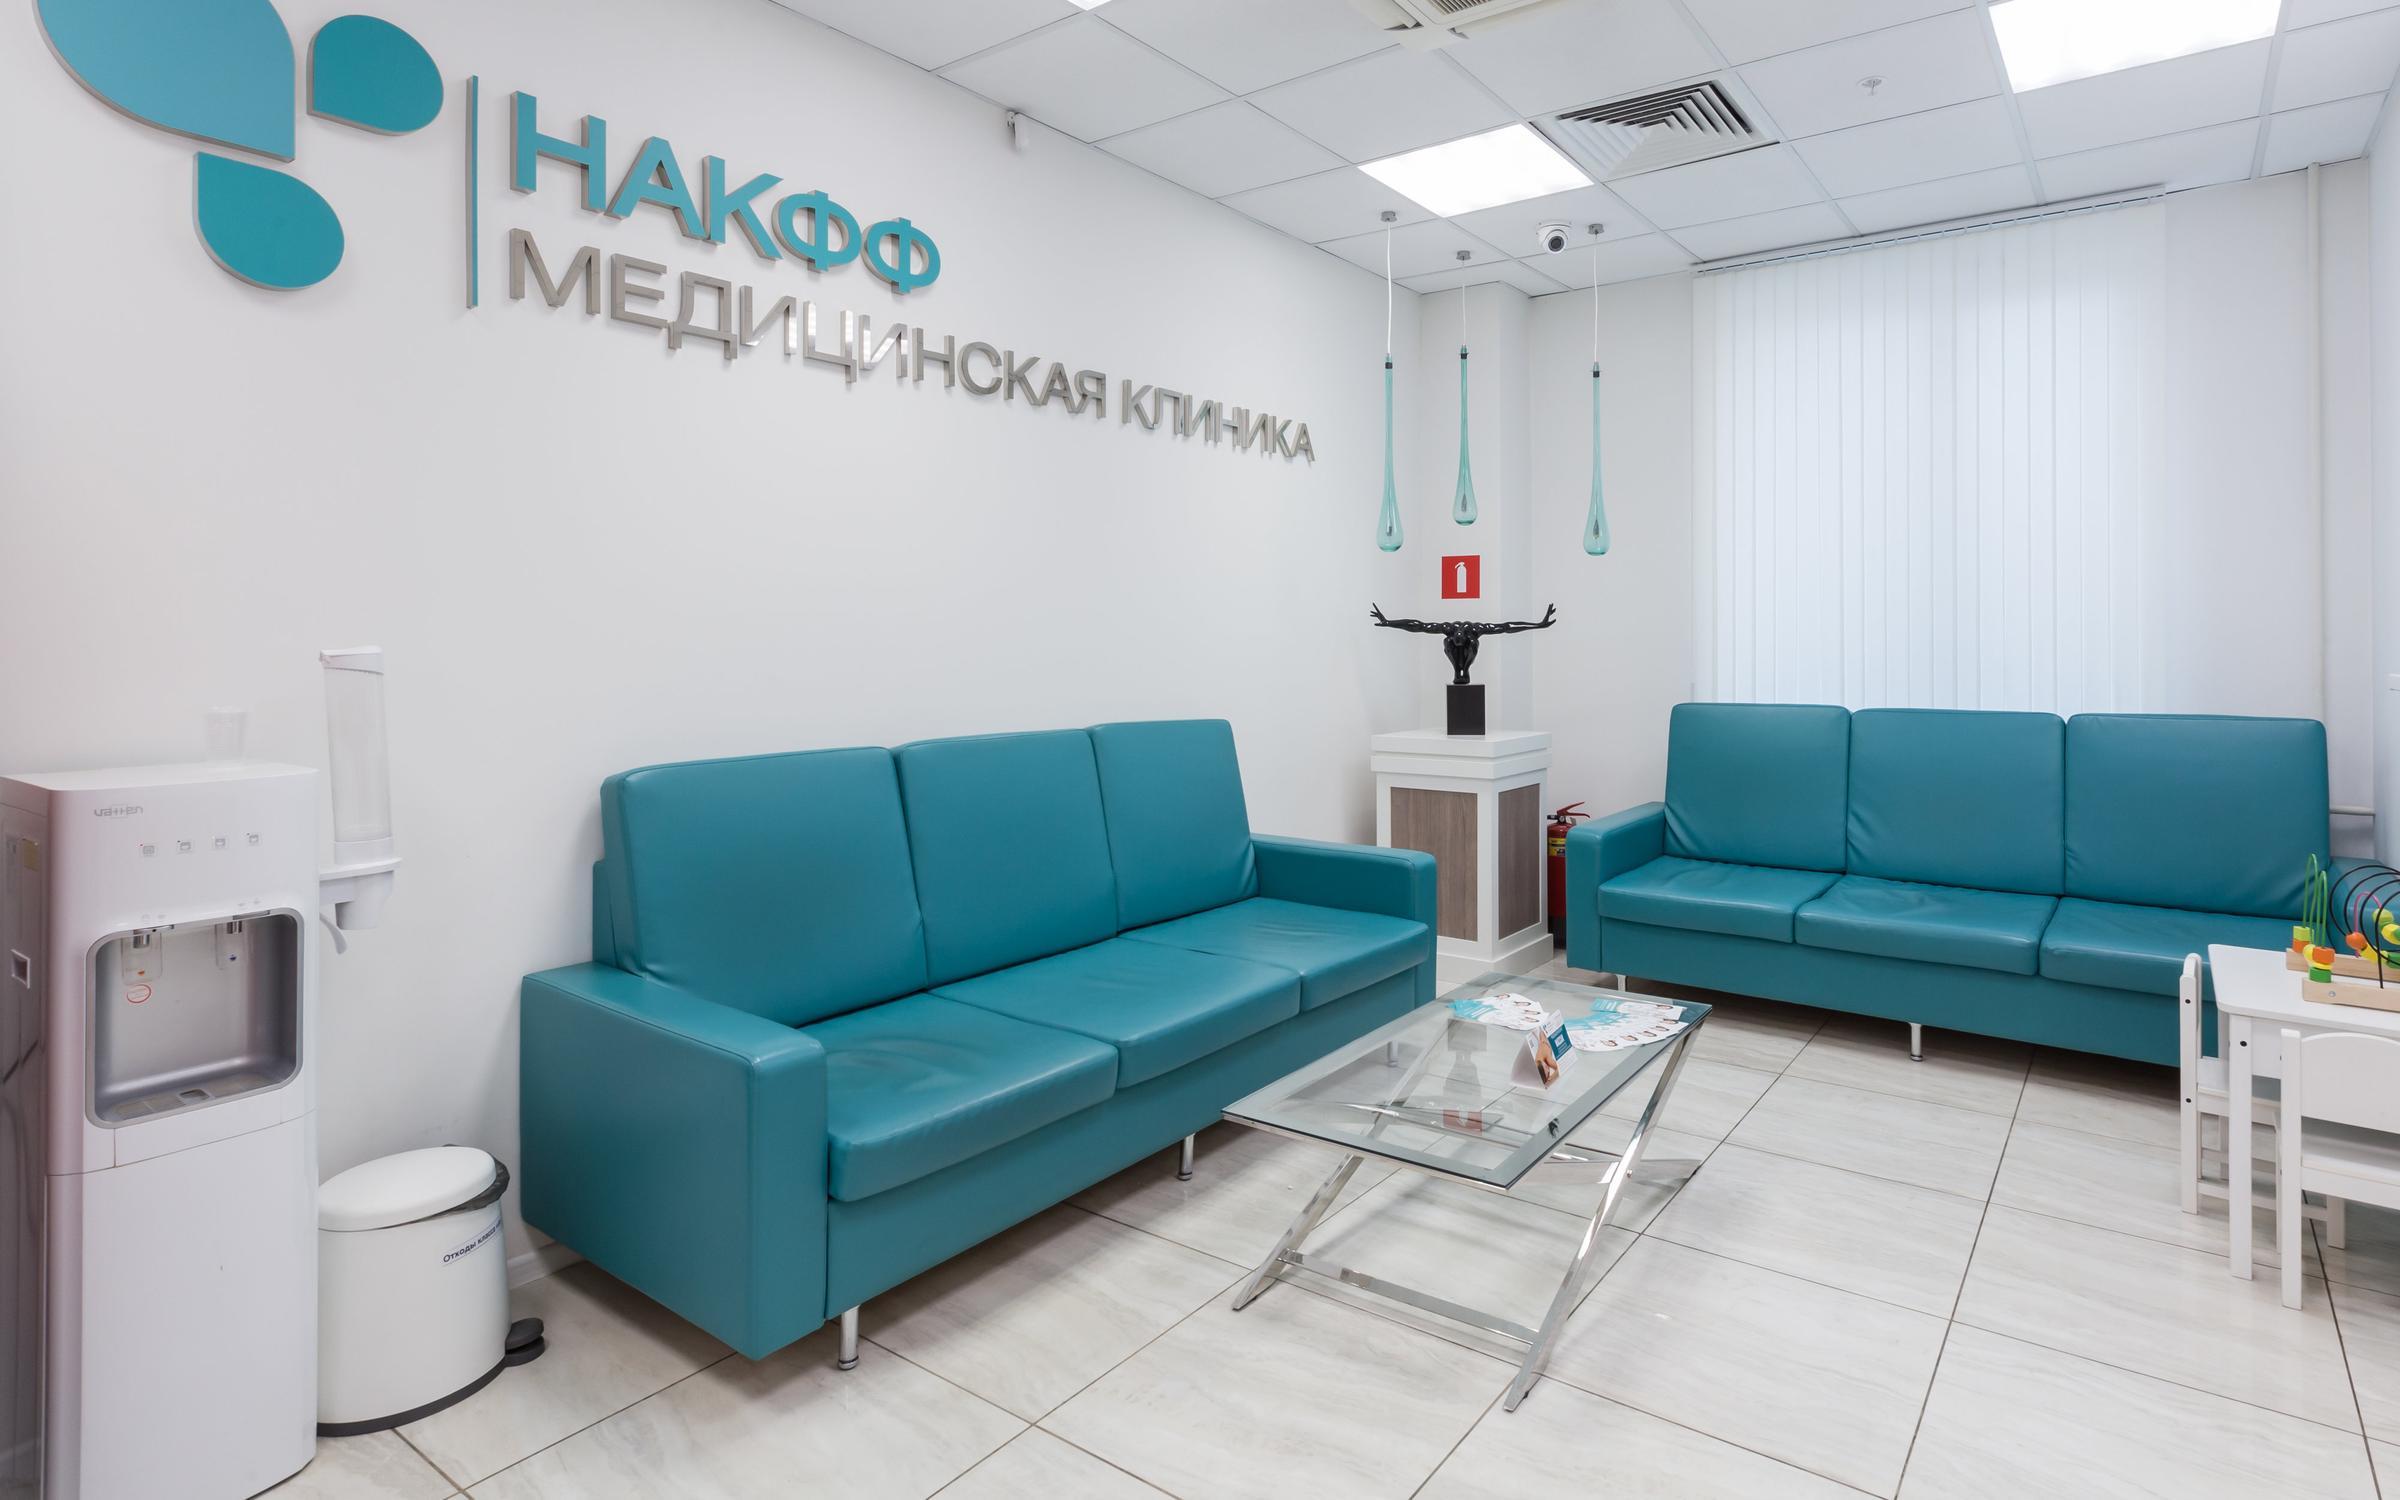 фотография Медицинской клиники НАКФФ на Угрешской улице